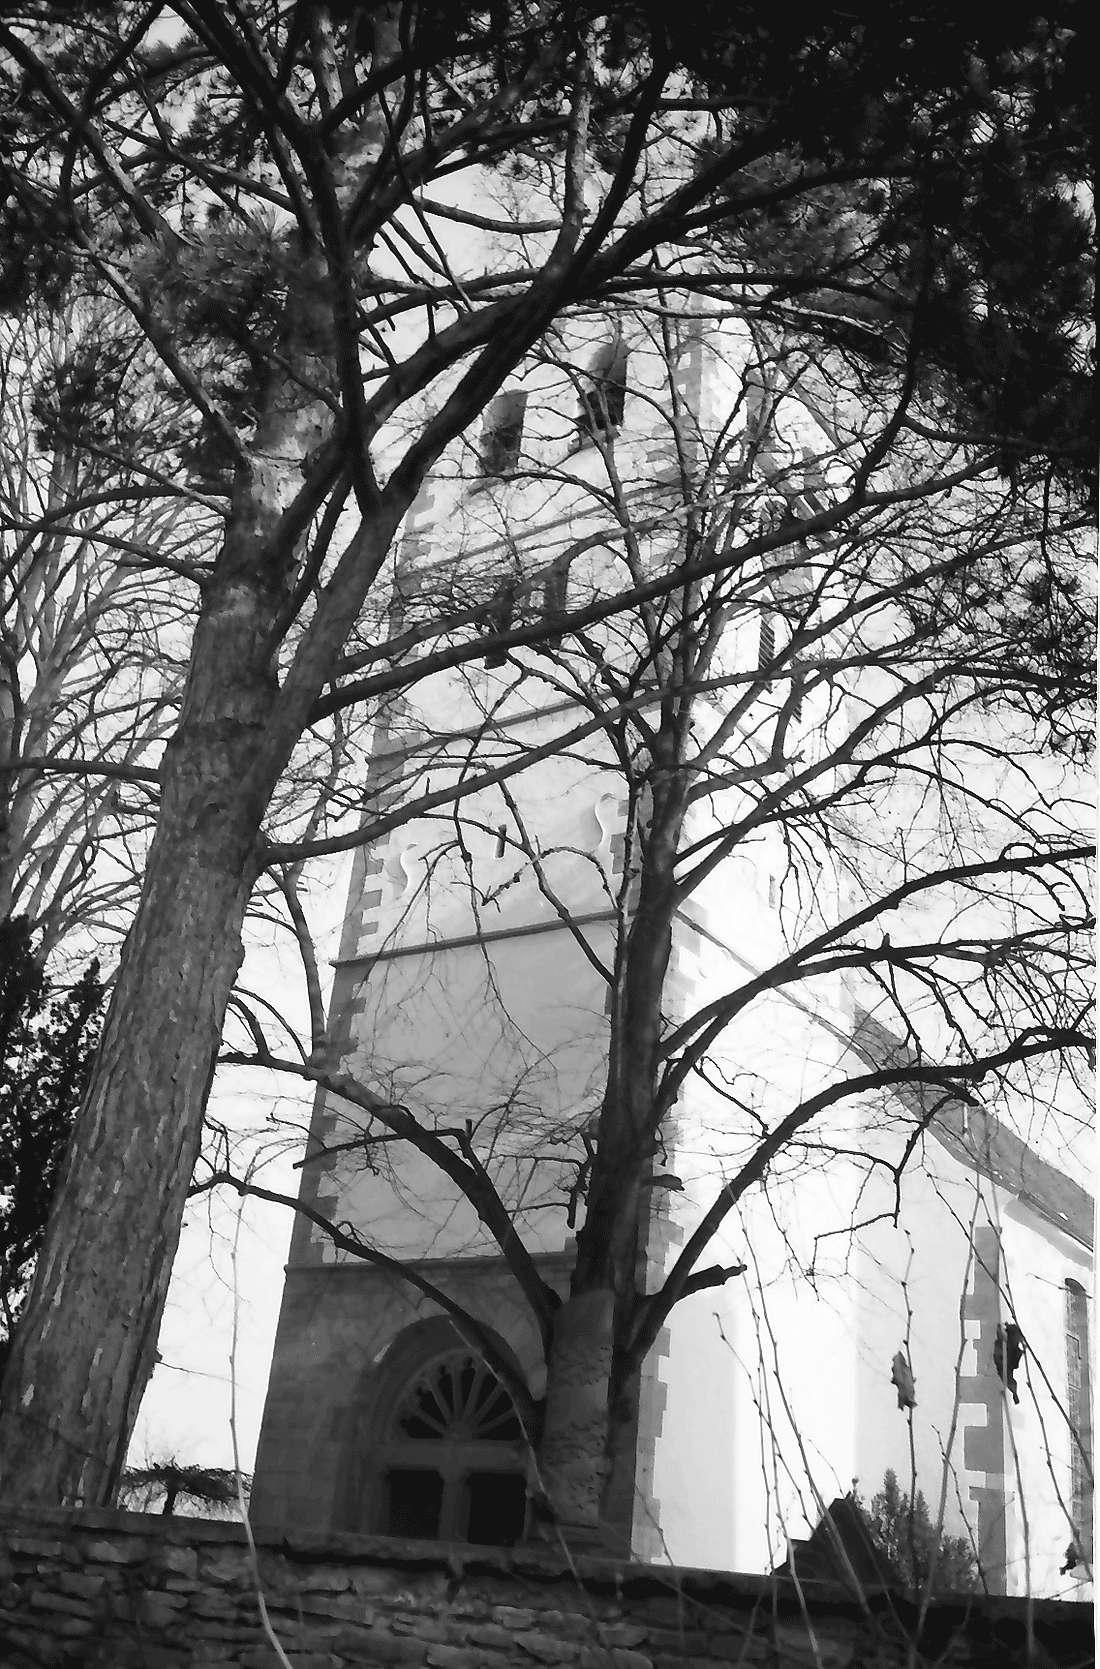 Betberg: Evangelische Kirche nach der Renovierung; Turm; außen durch Äste, Bild 1